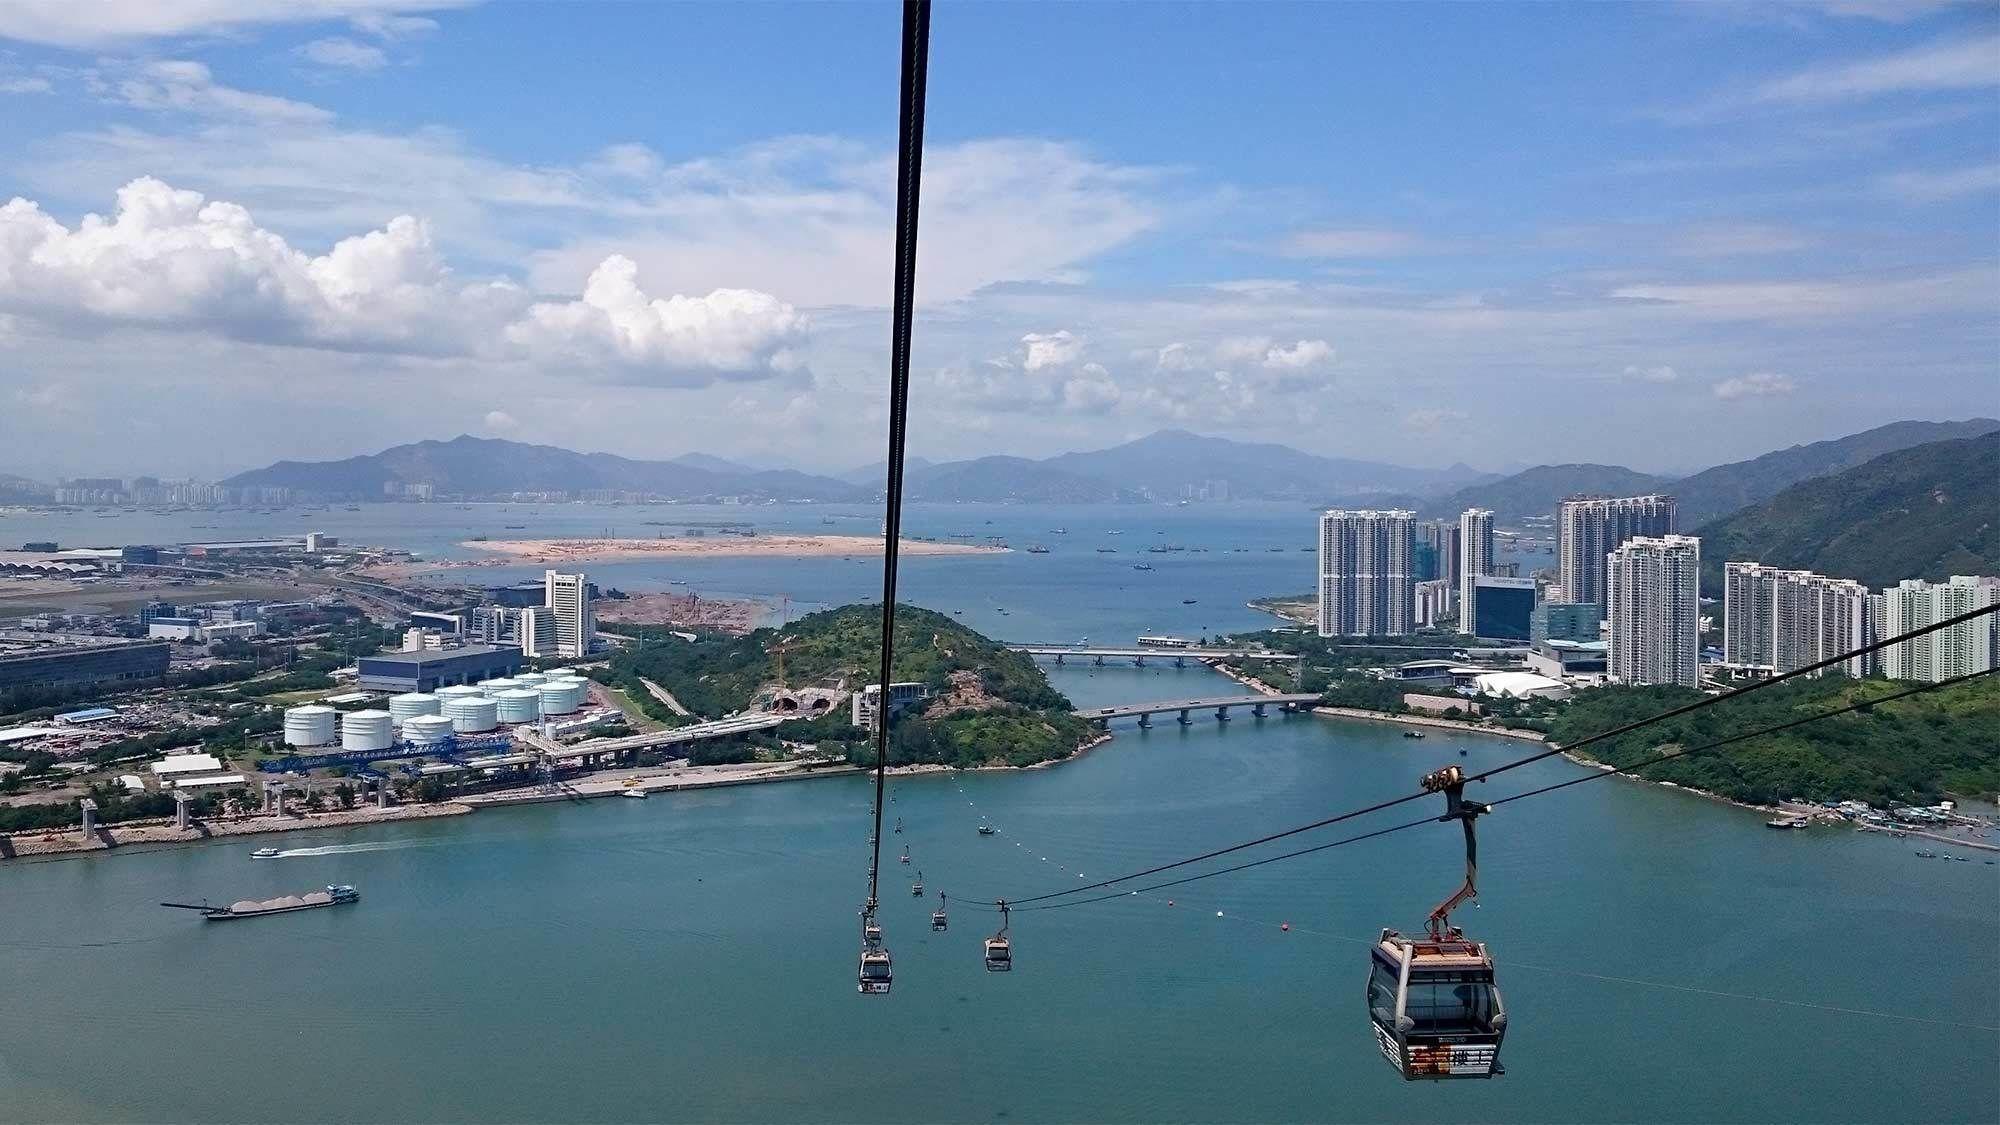 Gondolas in Hong Kong